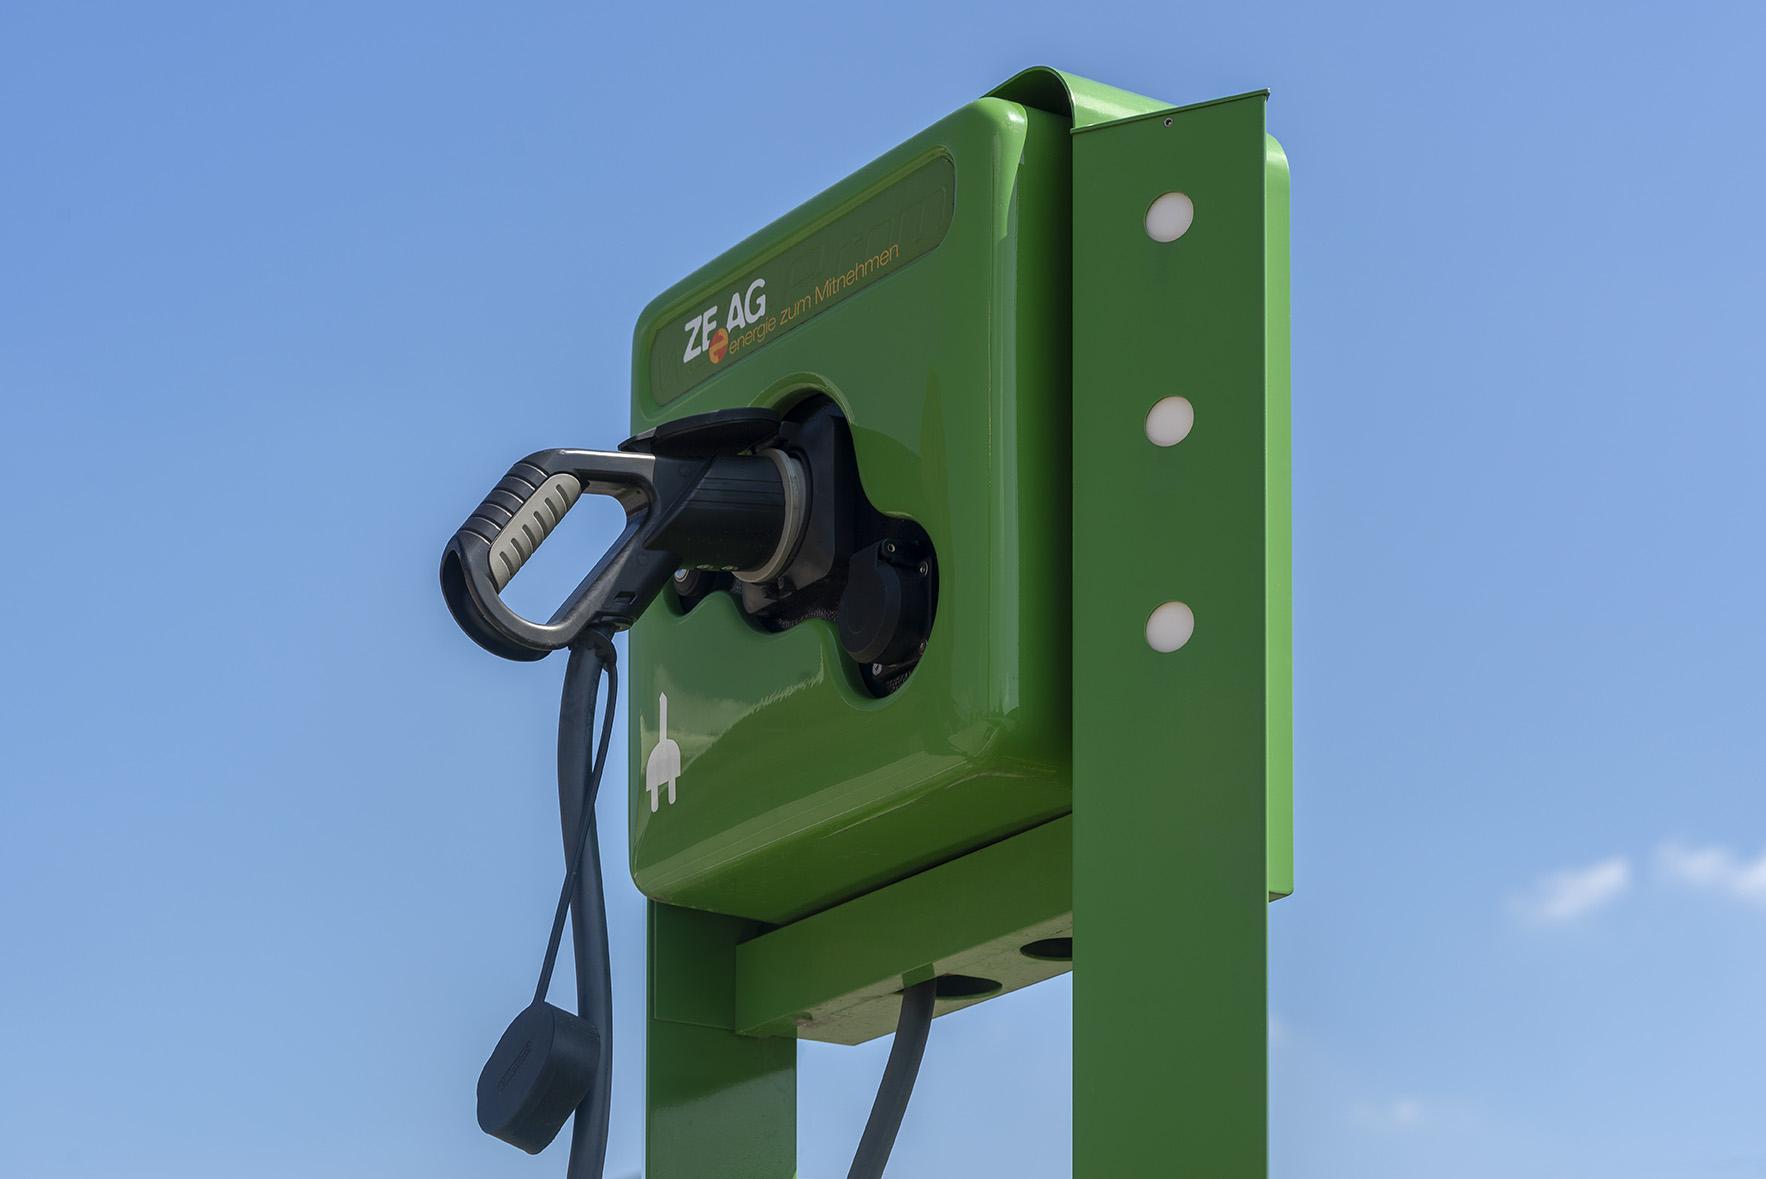 Zeag Elektrotankstelle für Elektrofahrzeuge bei Holz-Hauff GmbH in Leingarten